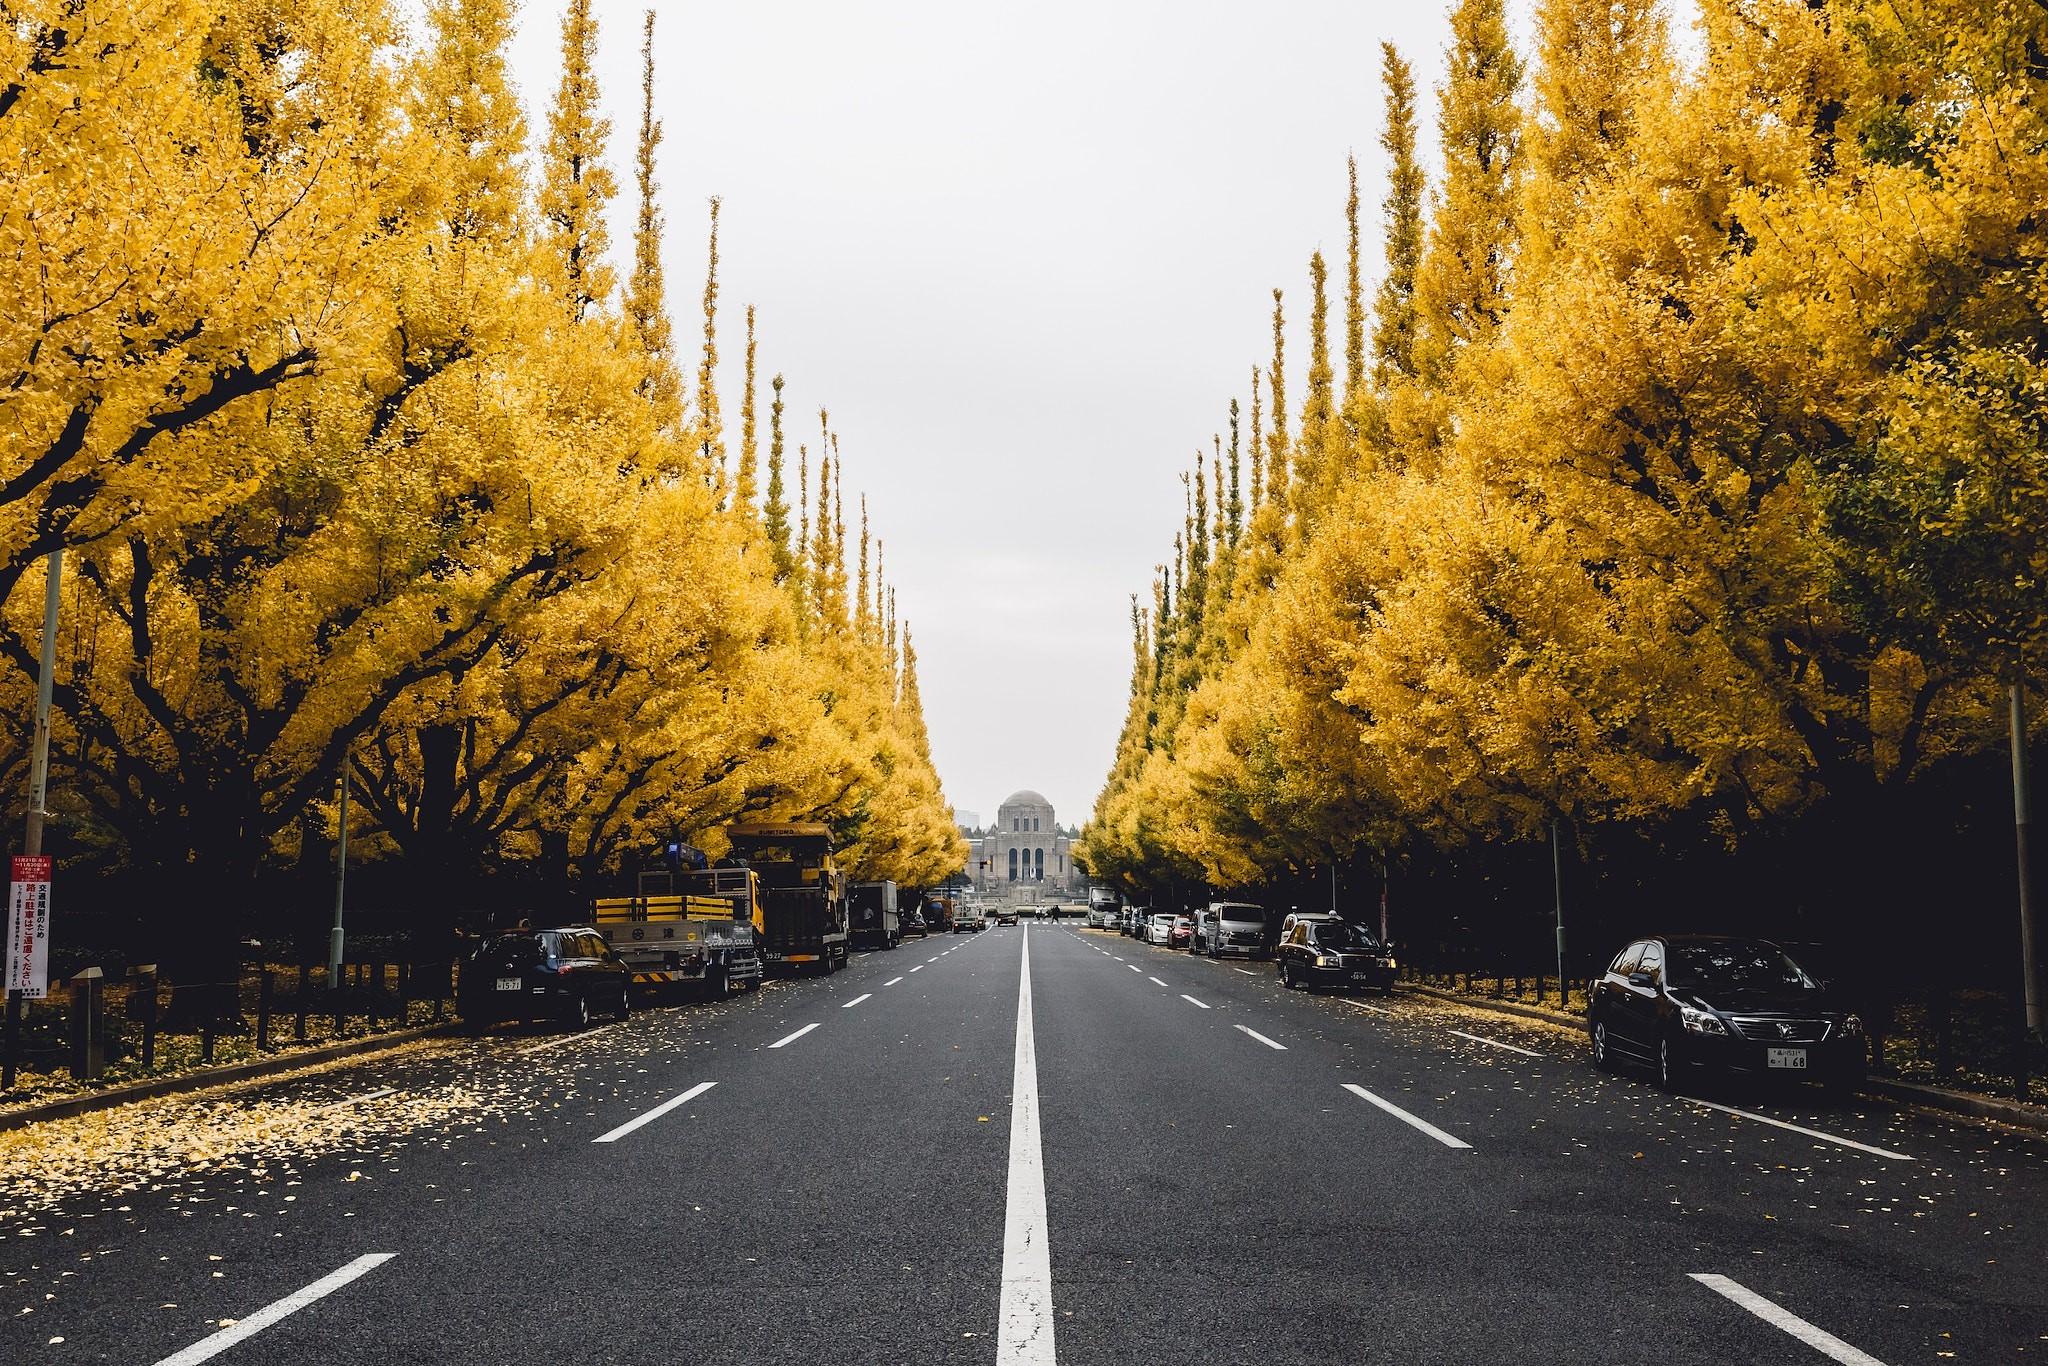 Road: Street, Leaf, City, Tree, Road